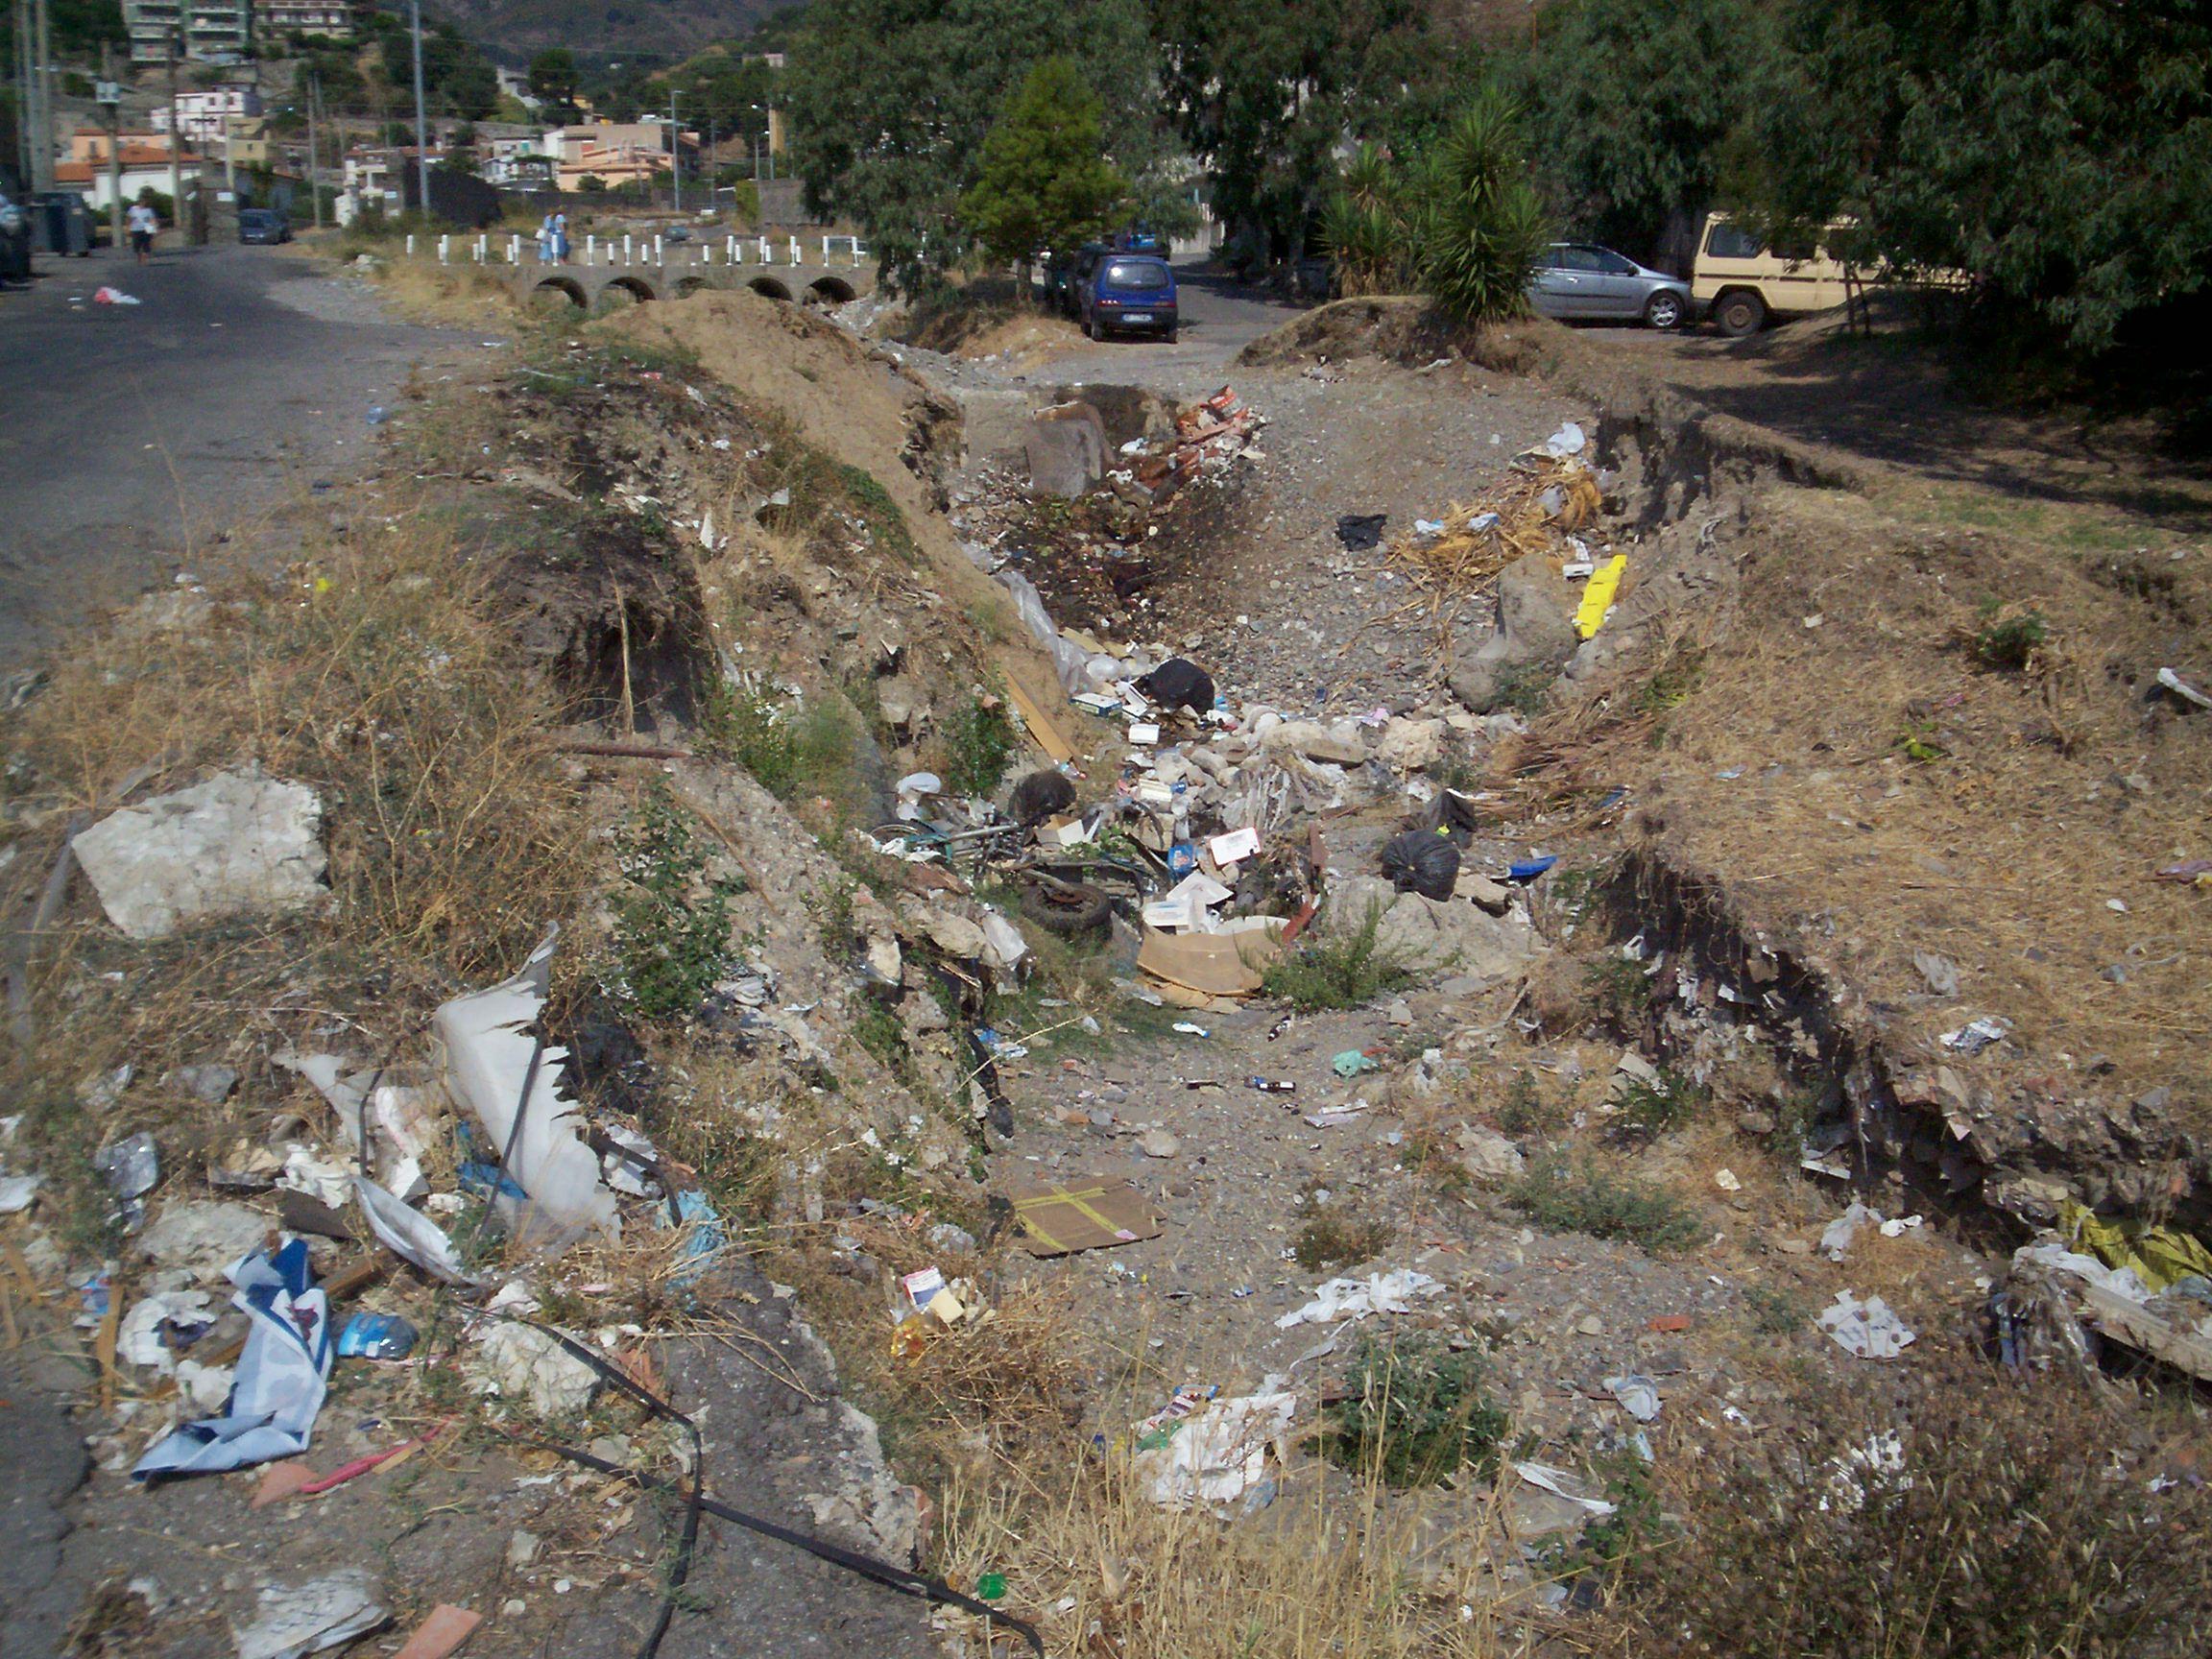 You are browsing images from the article: La 'vallata di Larderia' presenta un documento sul degrado del torrente Larderia